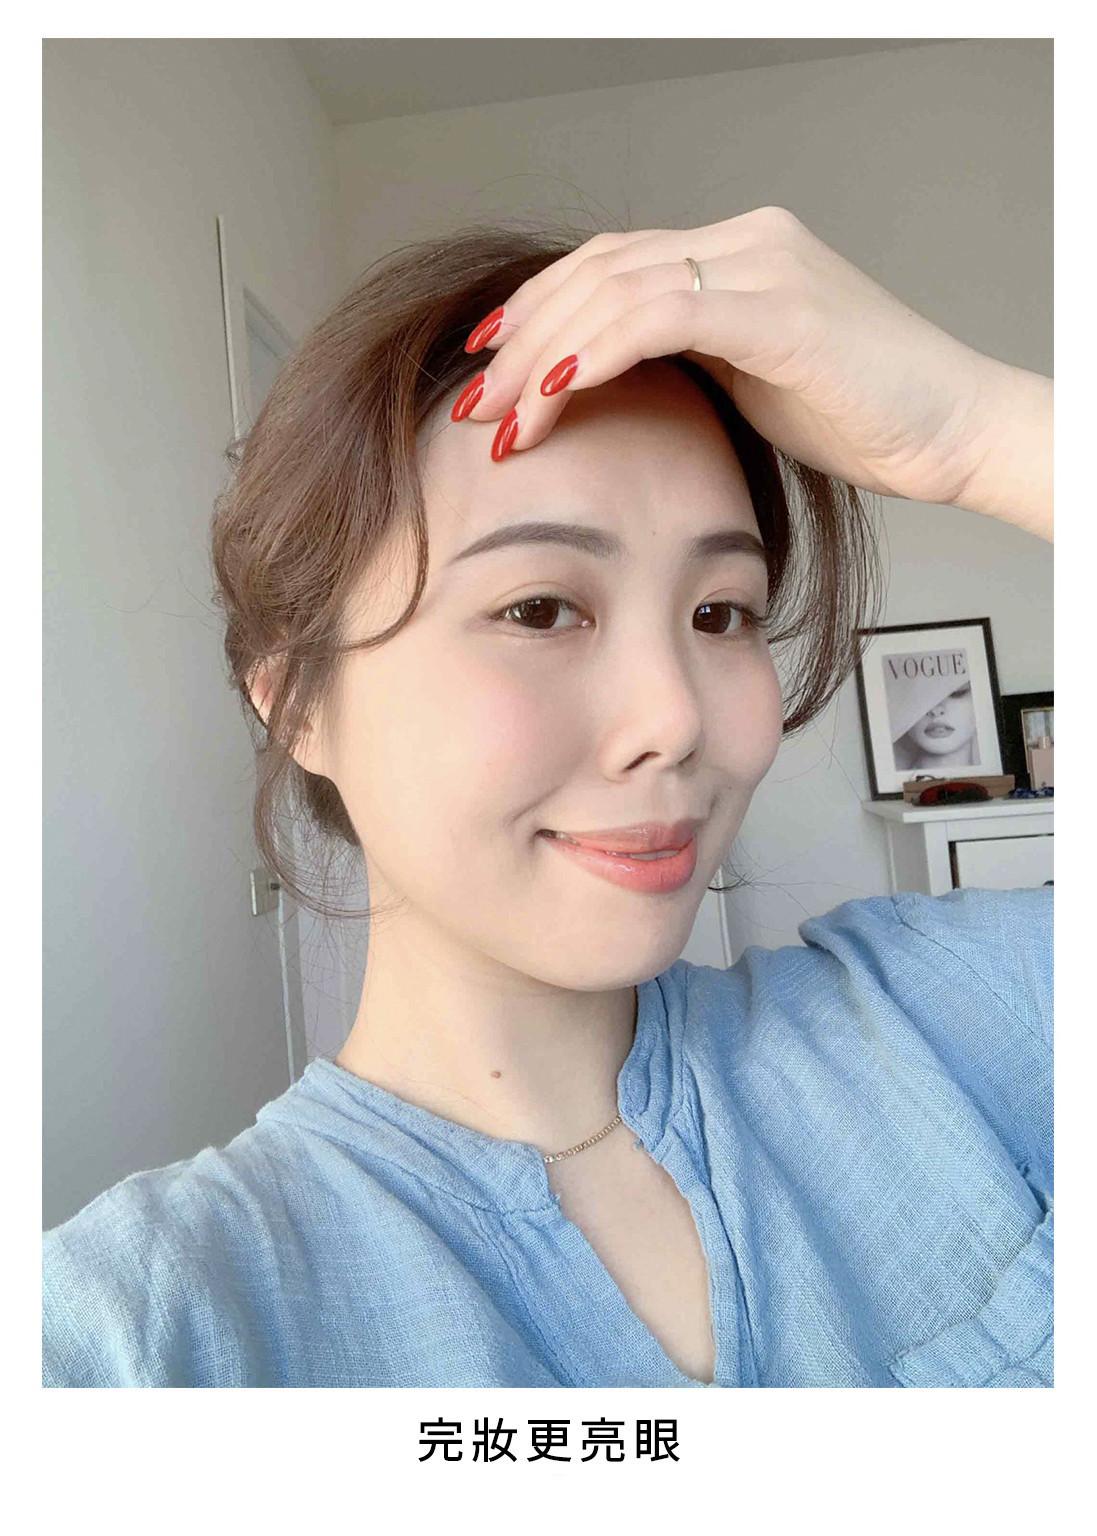 口罩妝容必勝重點-韓式粉霧眉、飄眉、紋眉有什麼不同?|台北IA專業美睫設計